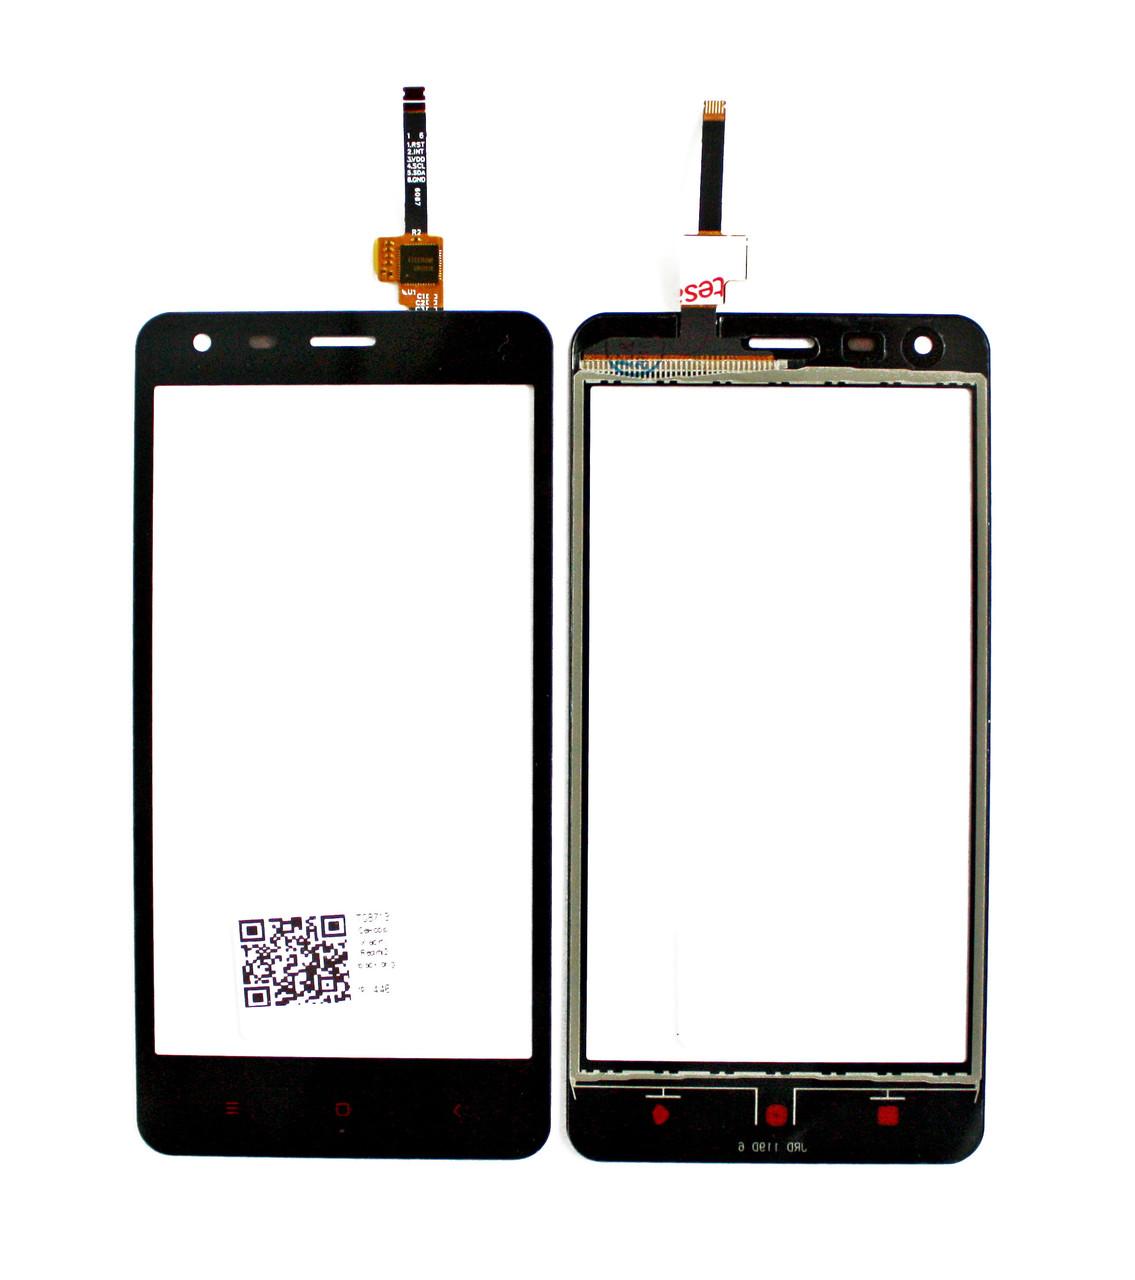 Сенсорный экран (тачскрин) Xiaomi Redmi 2 чёрный ориг. к-во